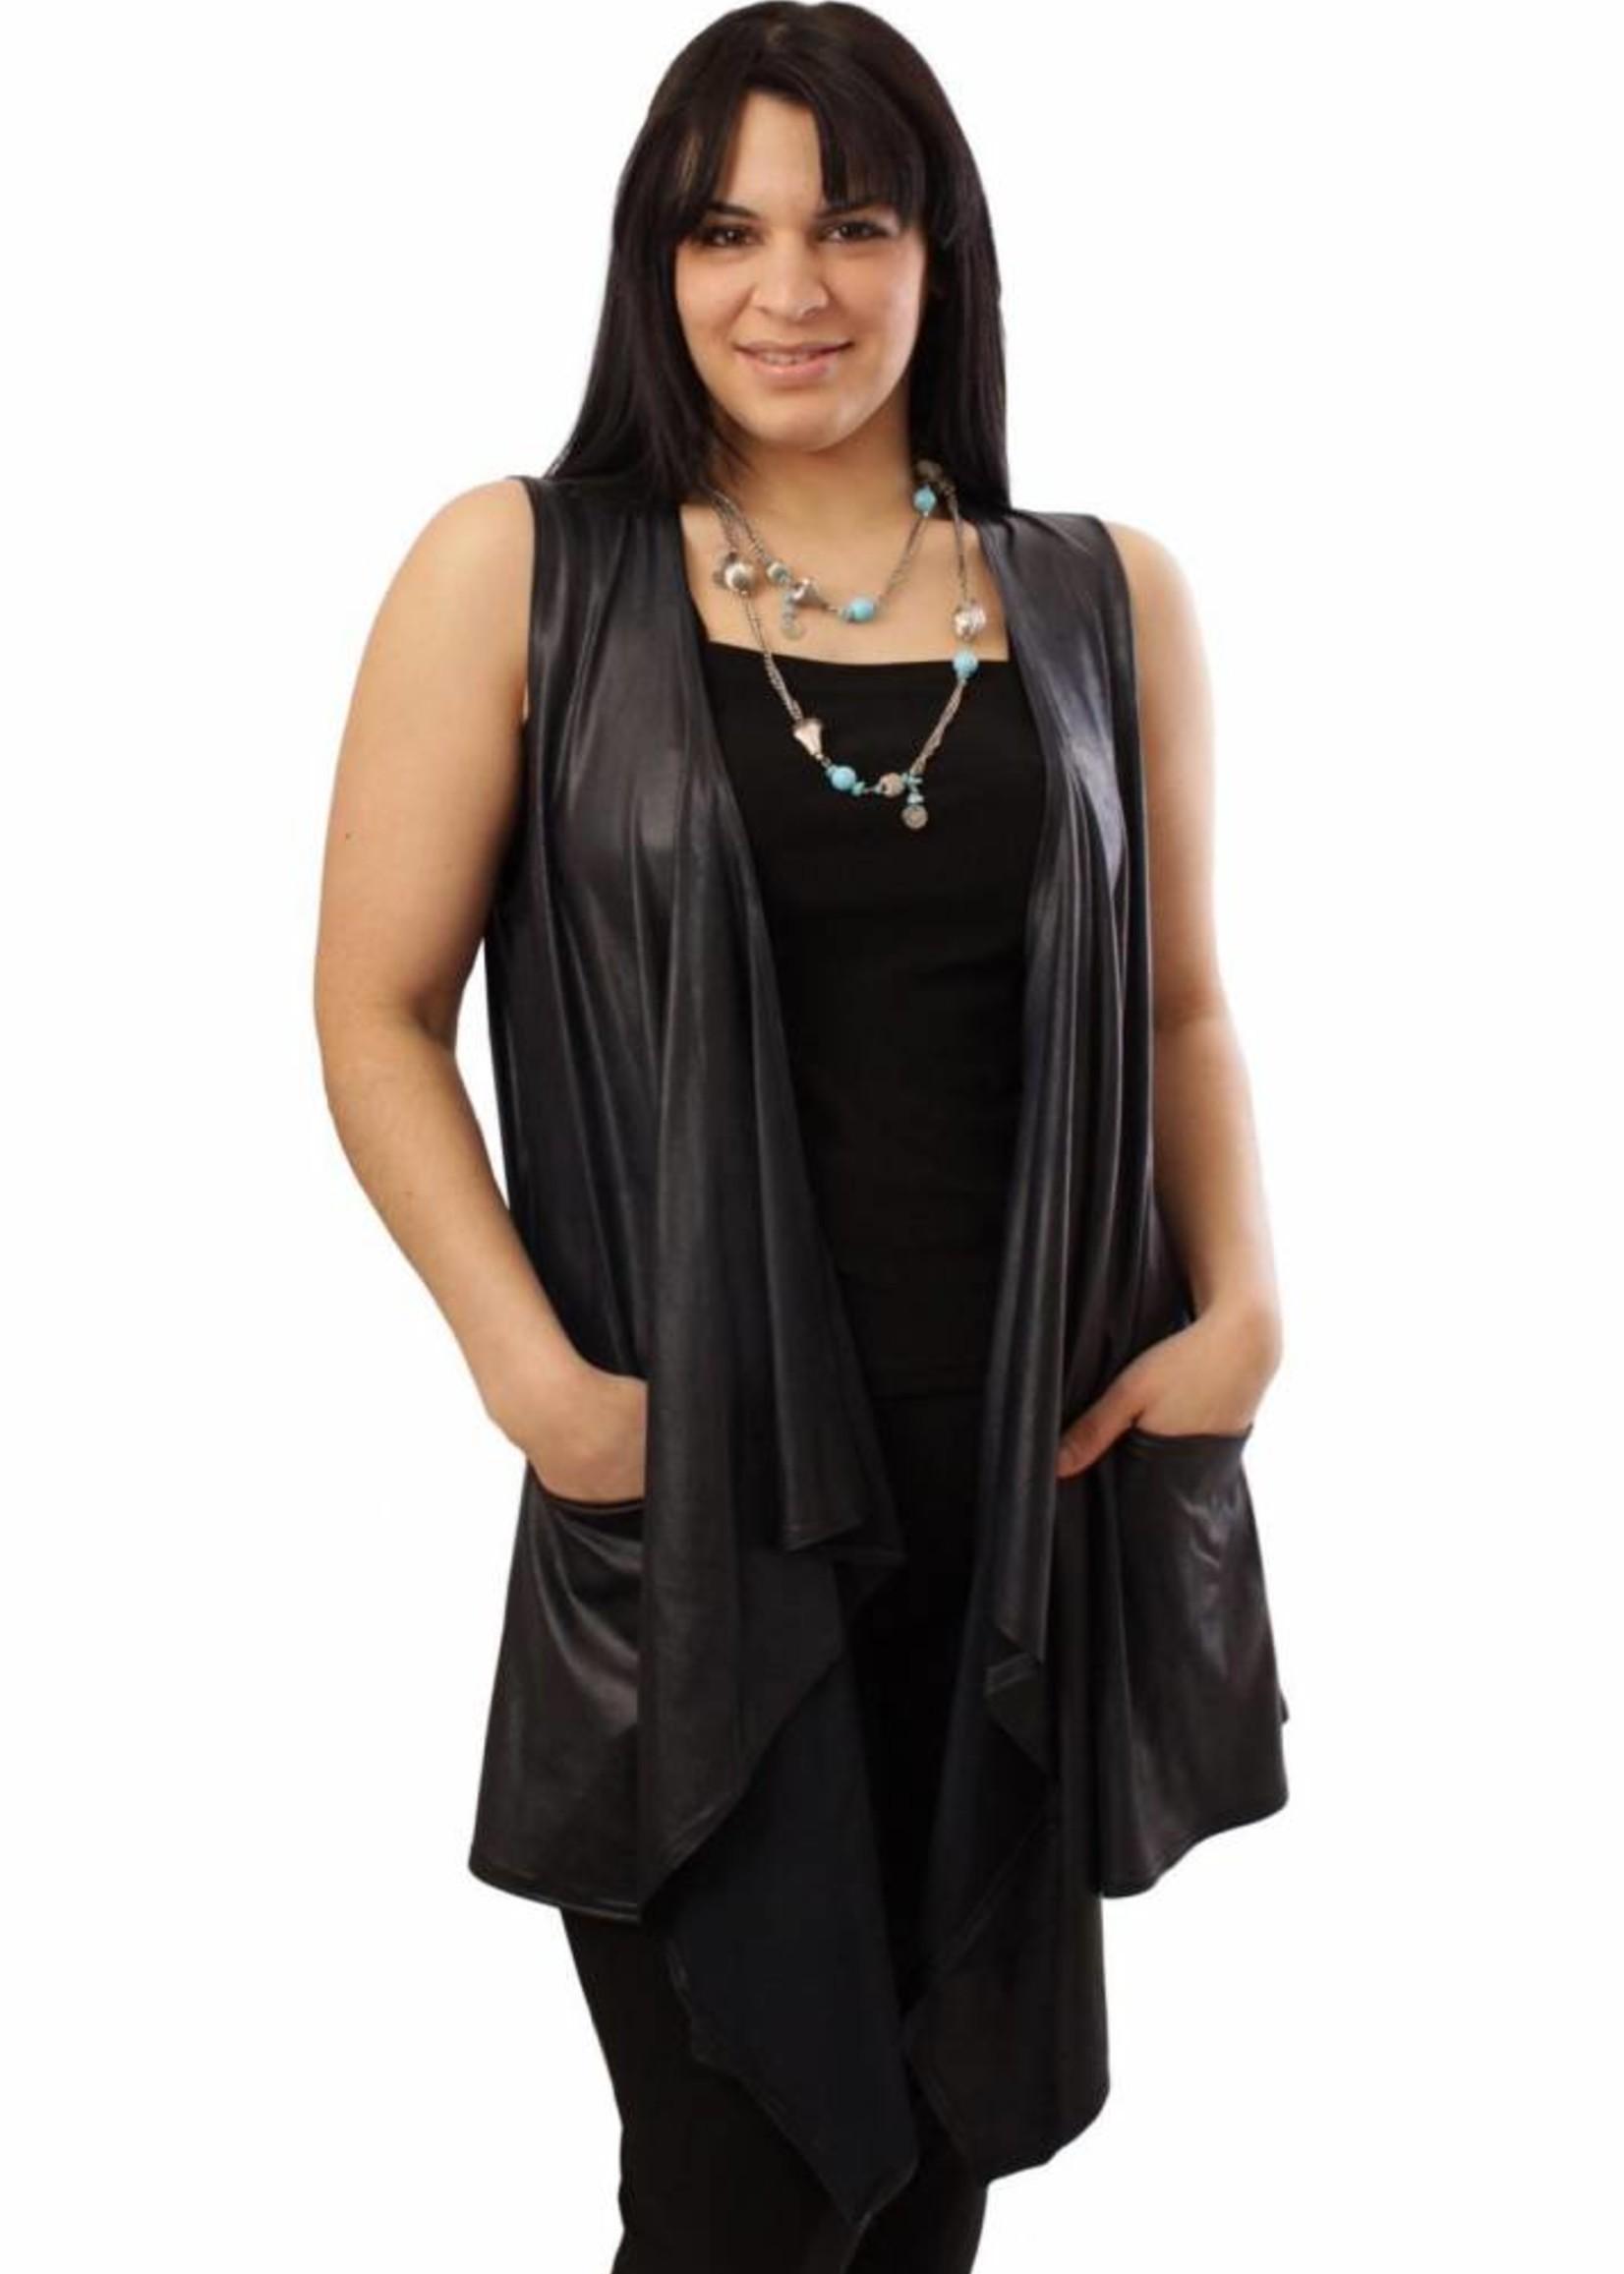 Magna Fashion Bolero A94 LEATHER LOOK BASIS